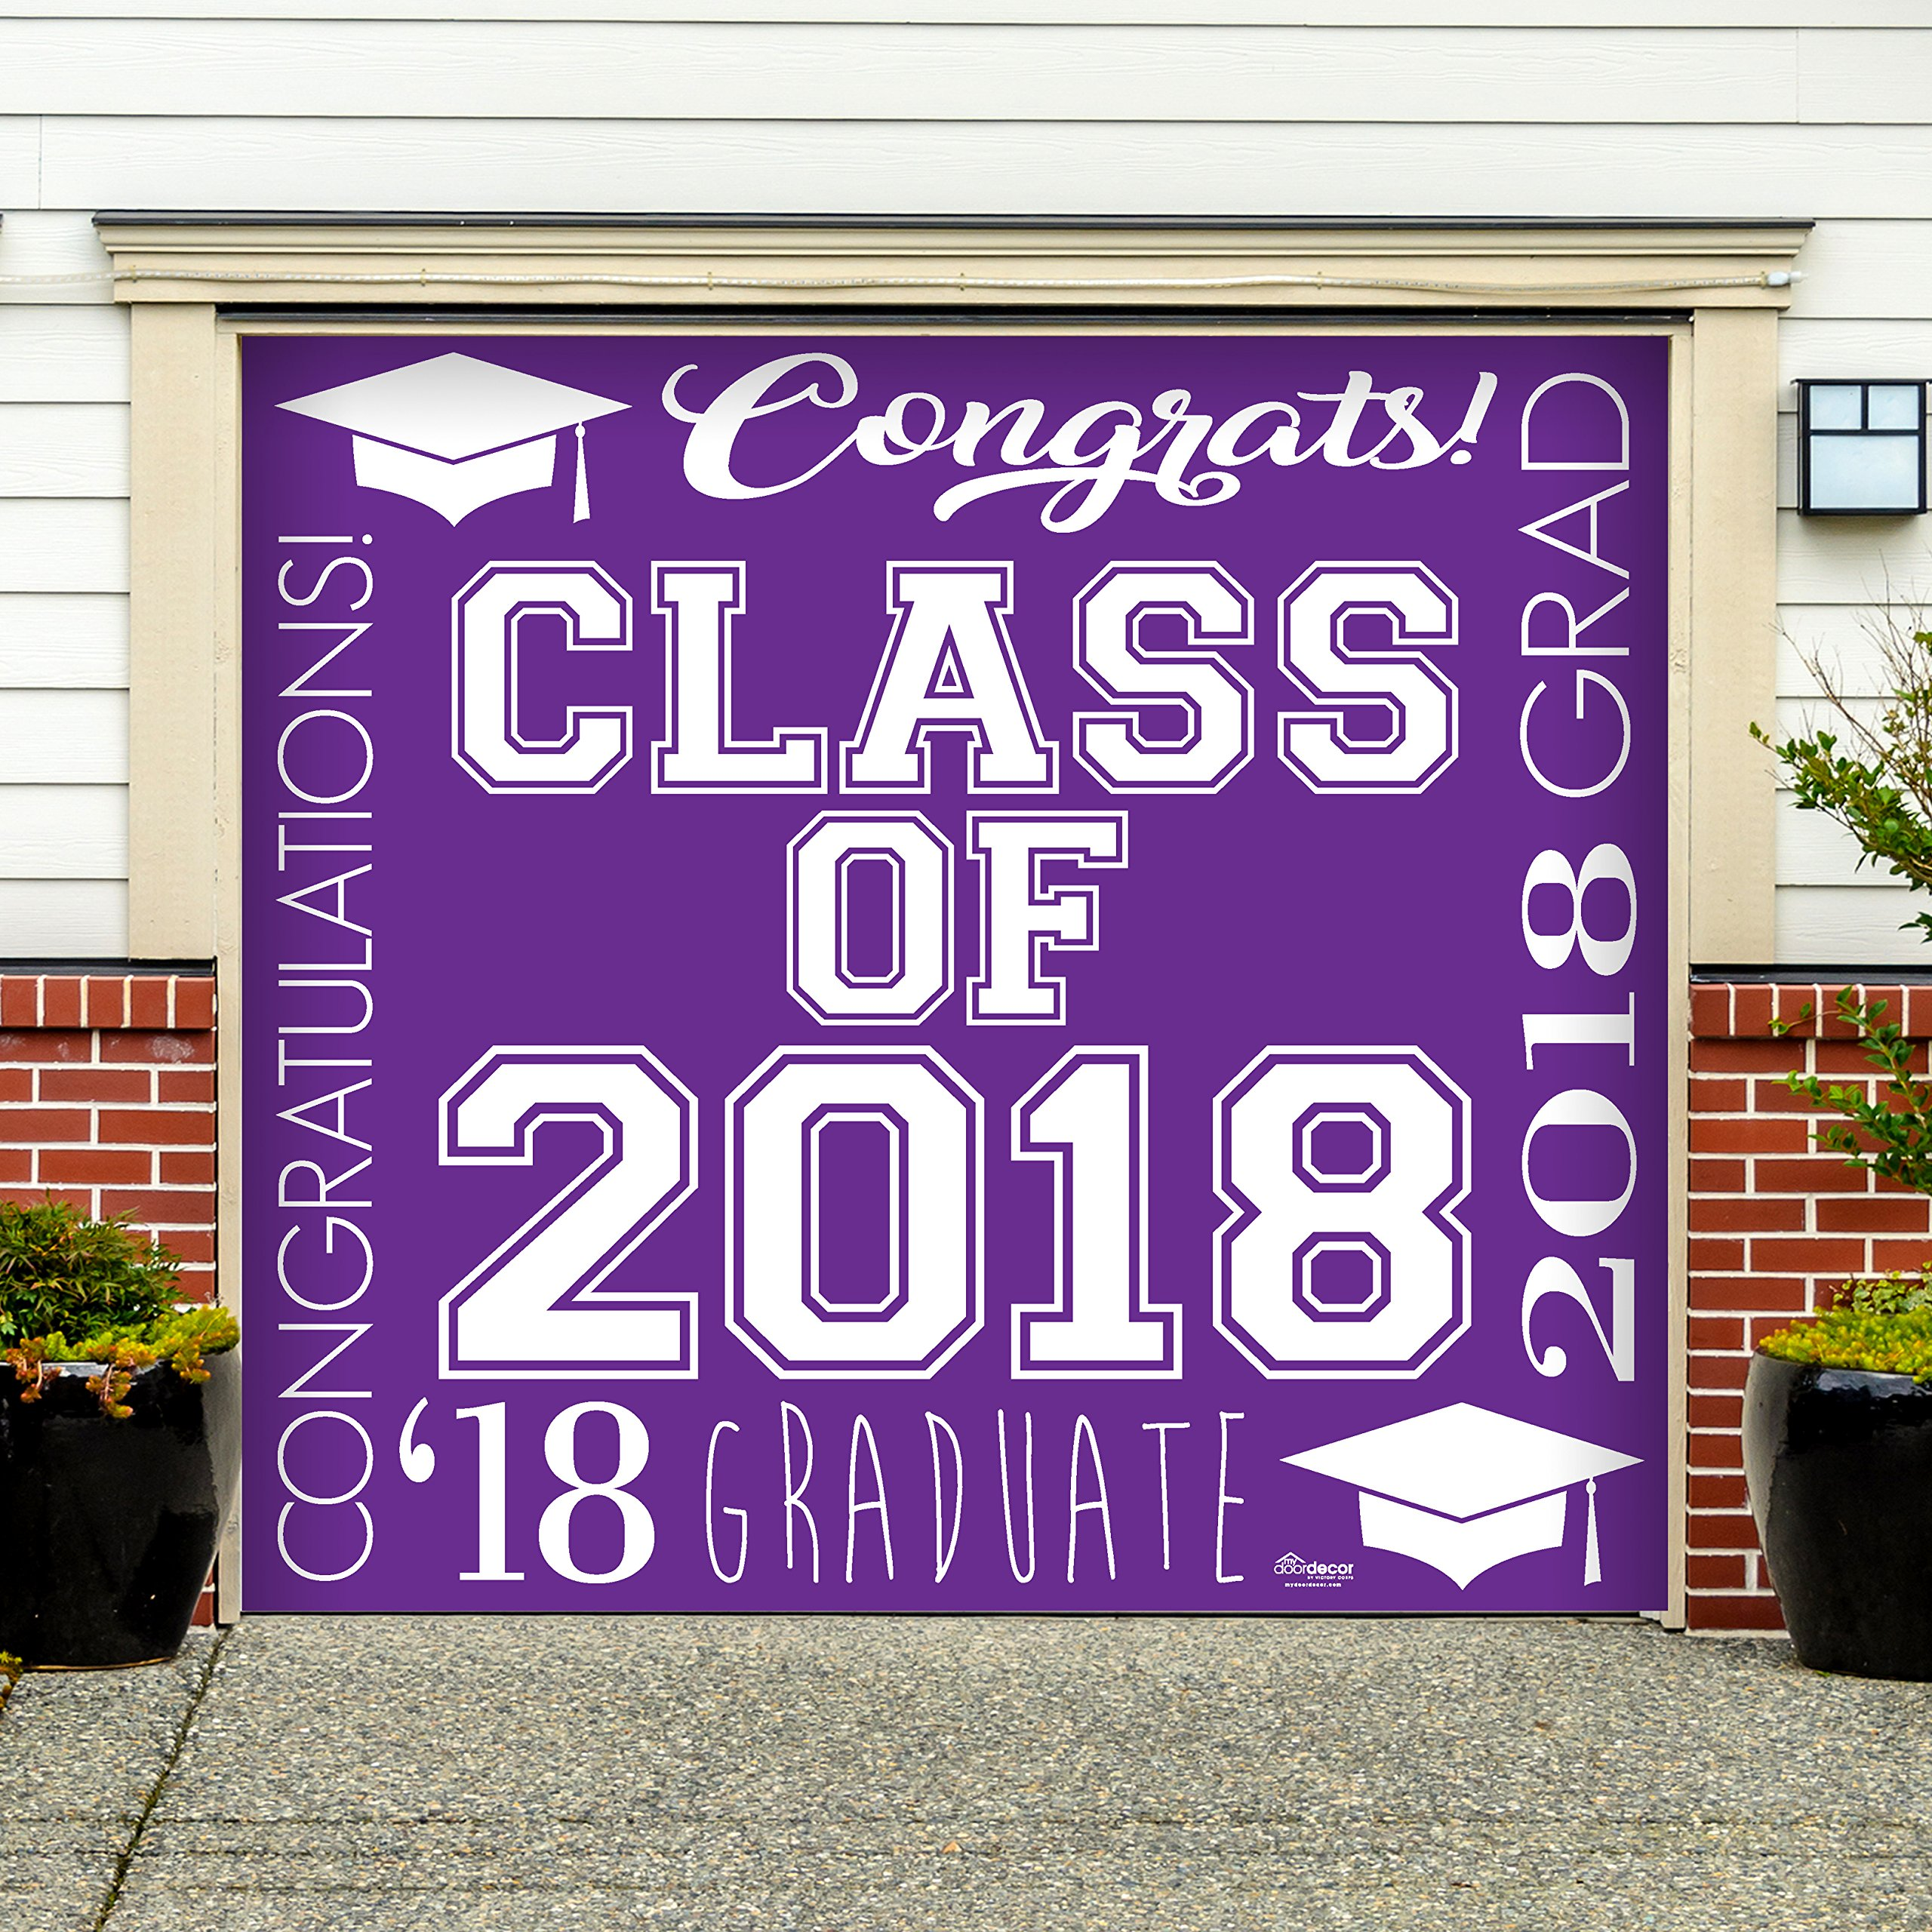 Victory Corps Collage Purple - Outdoor Graduation Garage Door Banner Mural Sign Décor 7'x 8' Car Garage - The Original Holiday Garage Door Banner Decor